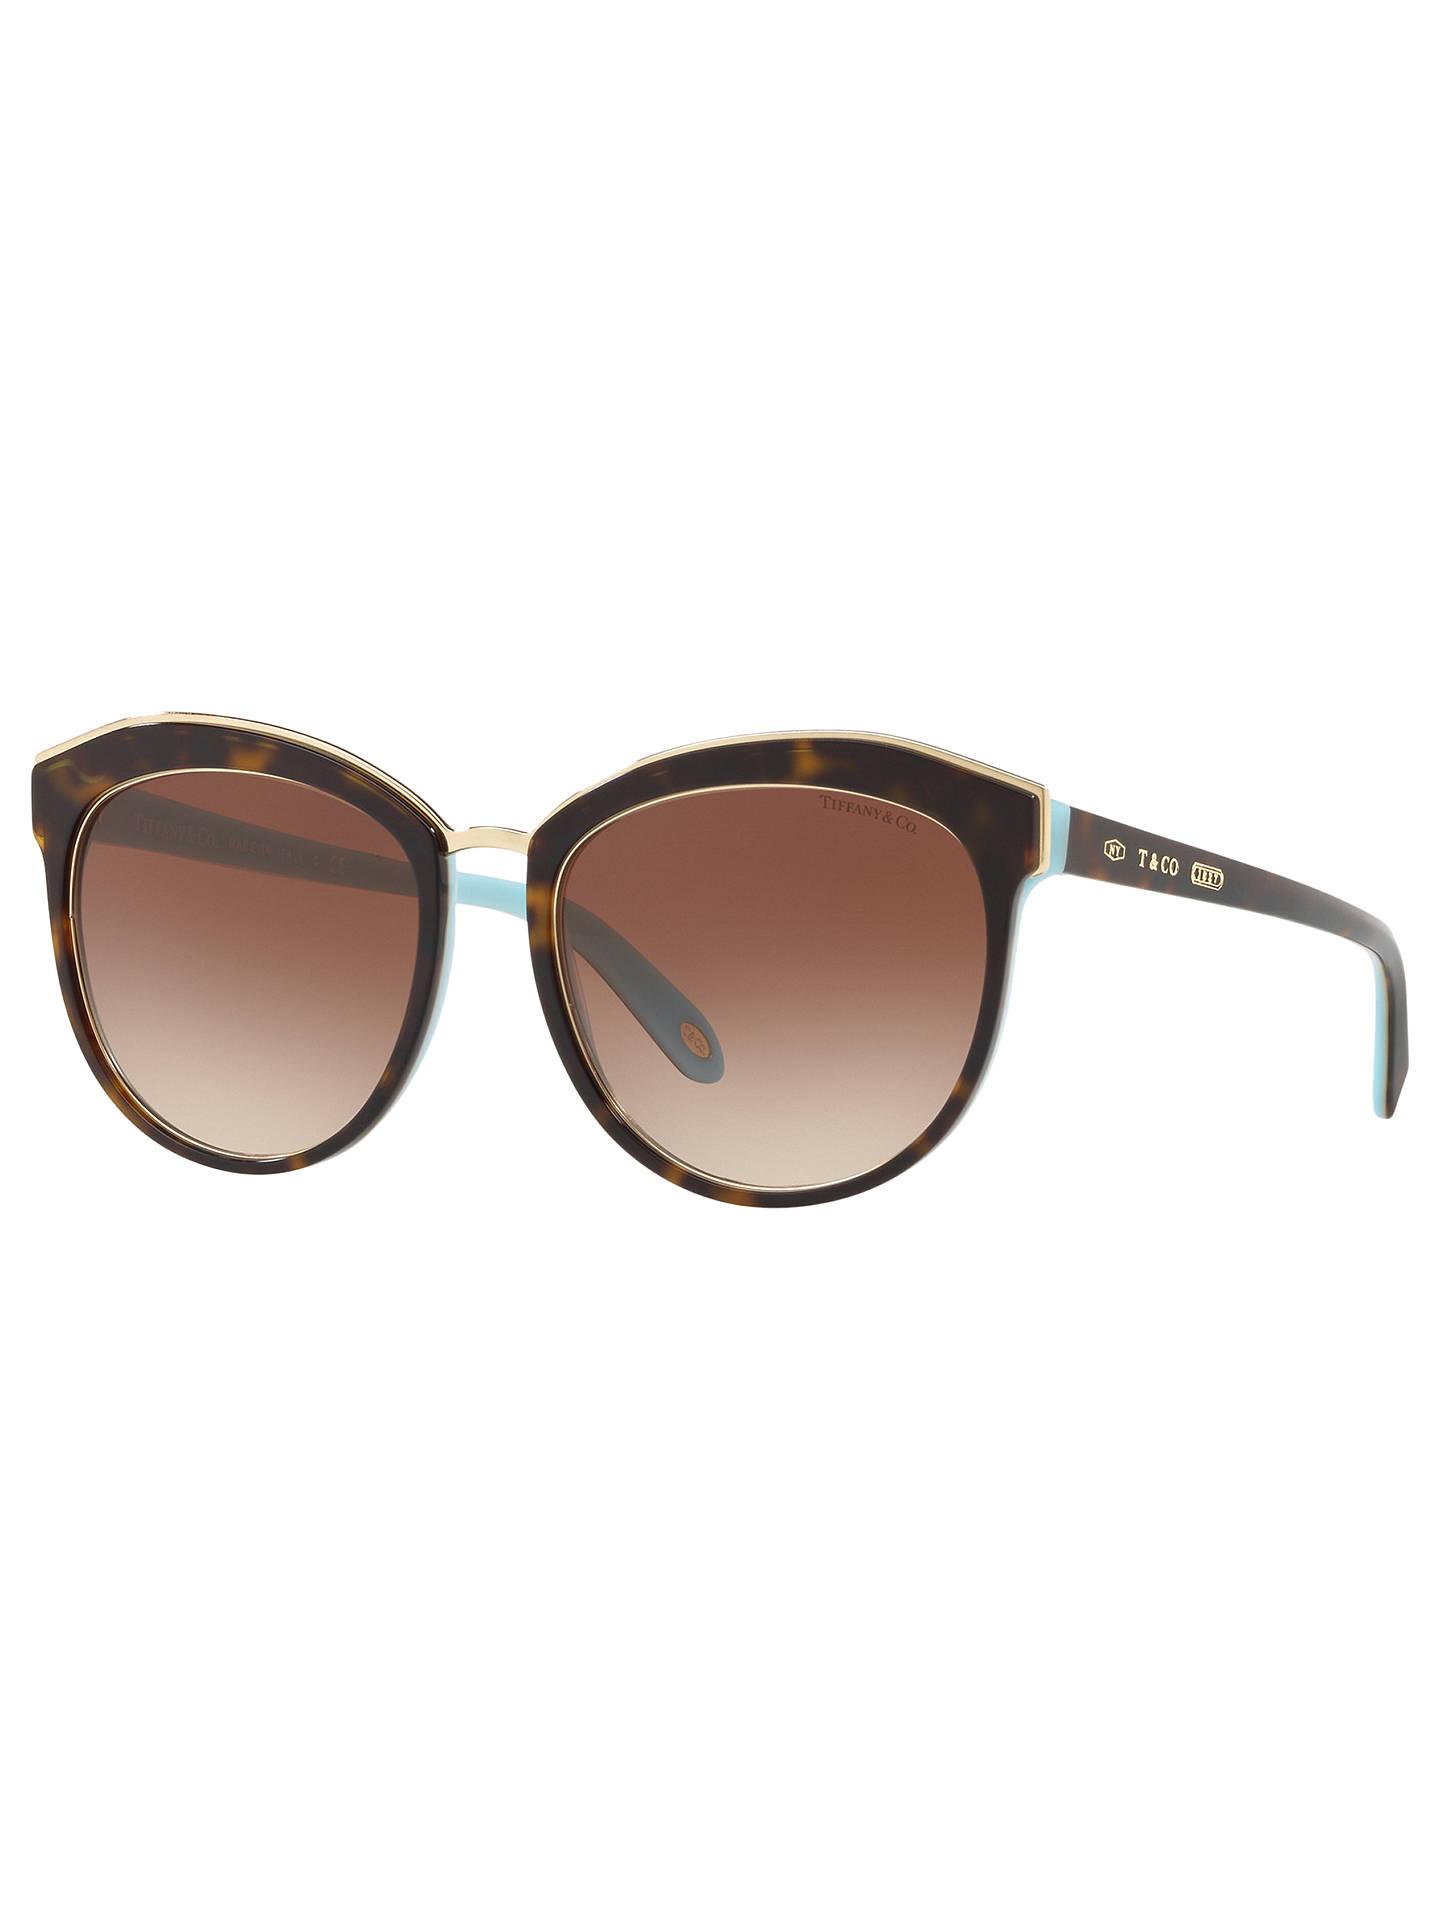 15120a50bfb BuyTiffany   Co TF4146 Women s Oval Sunglasses